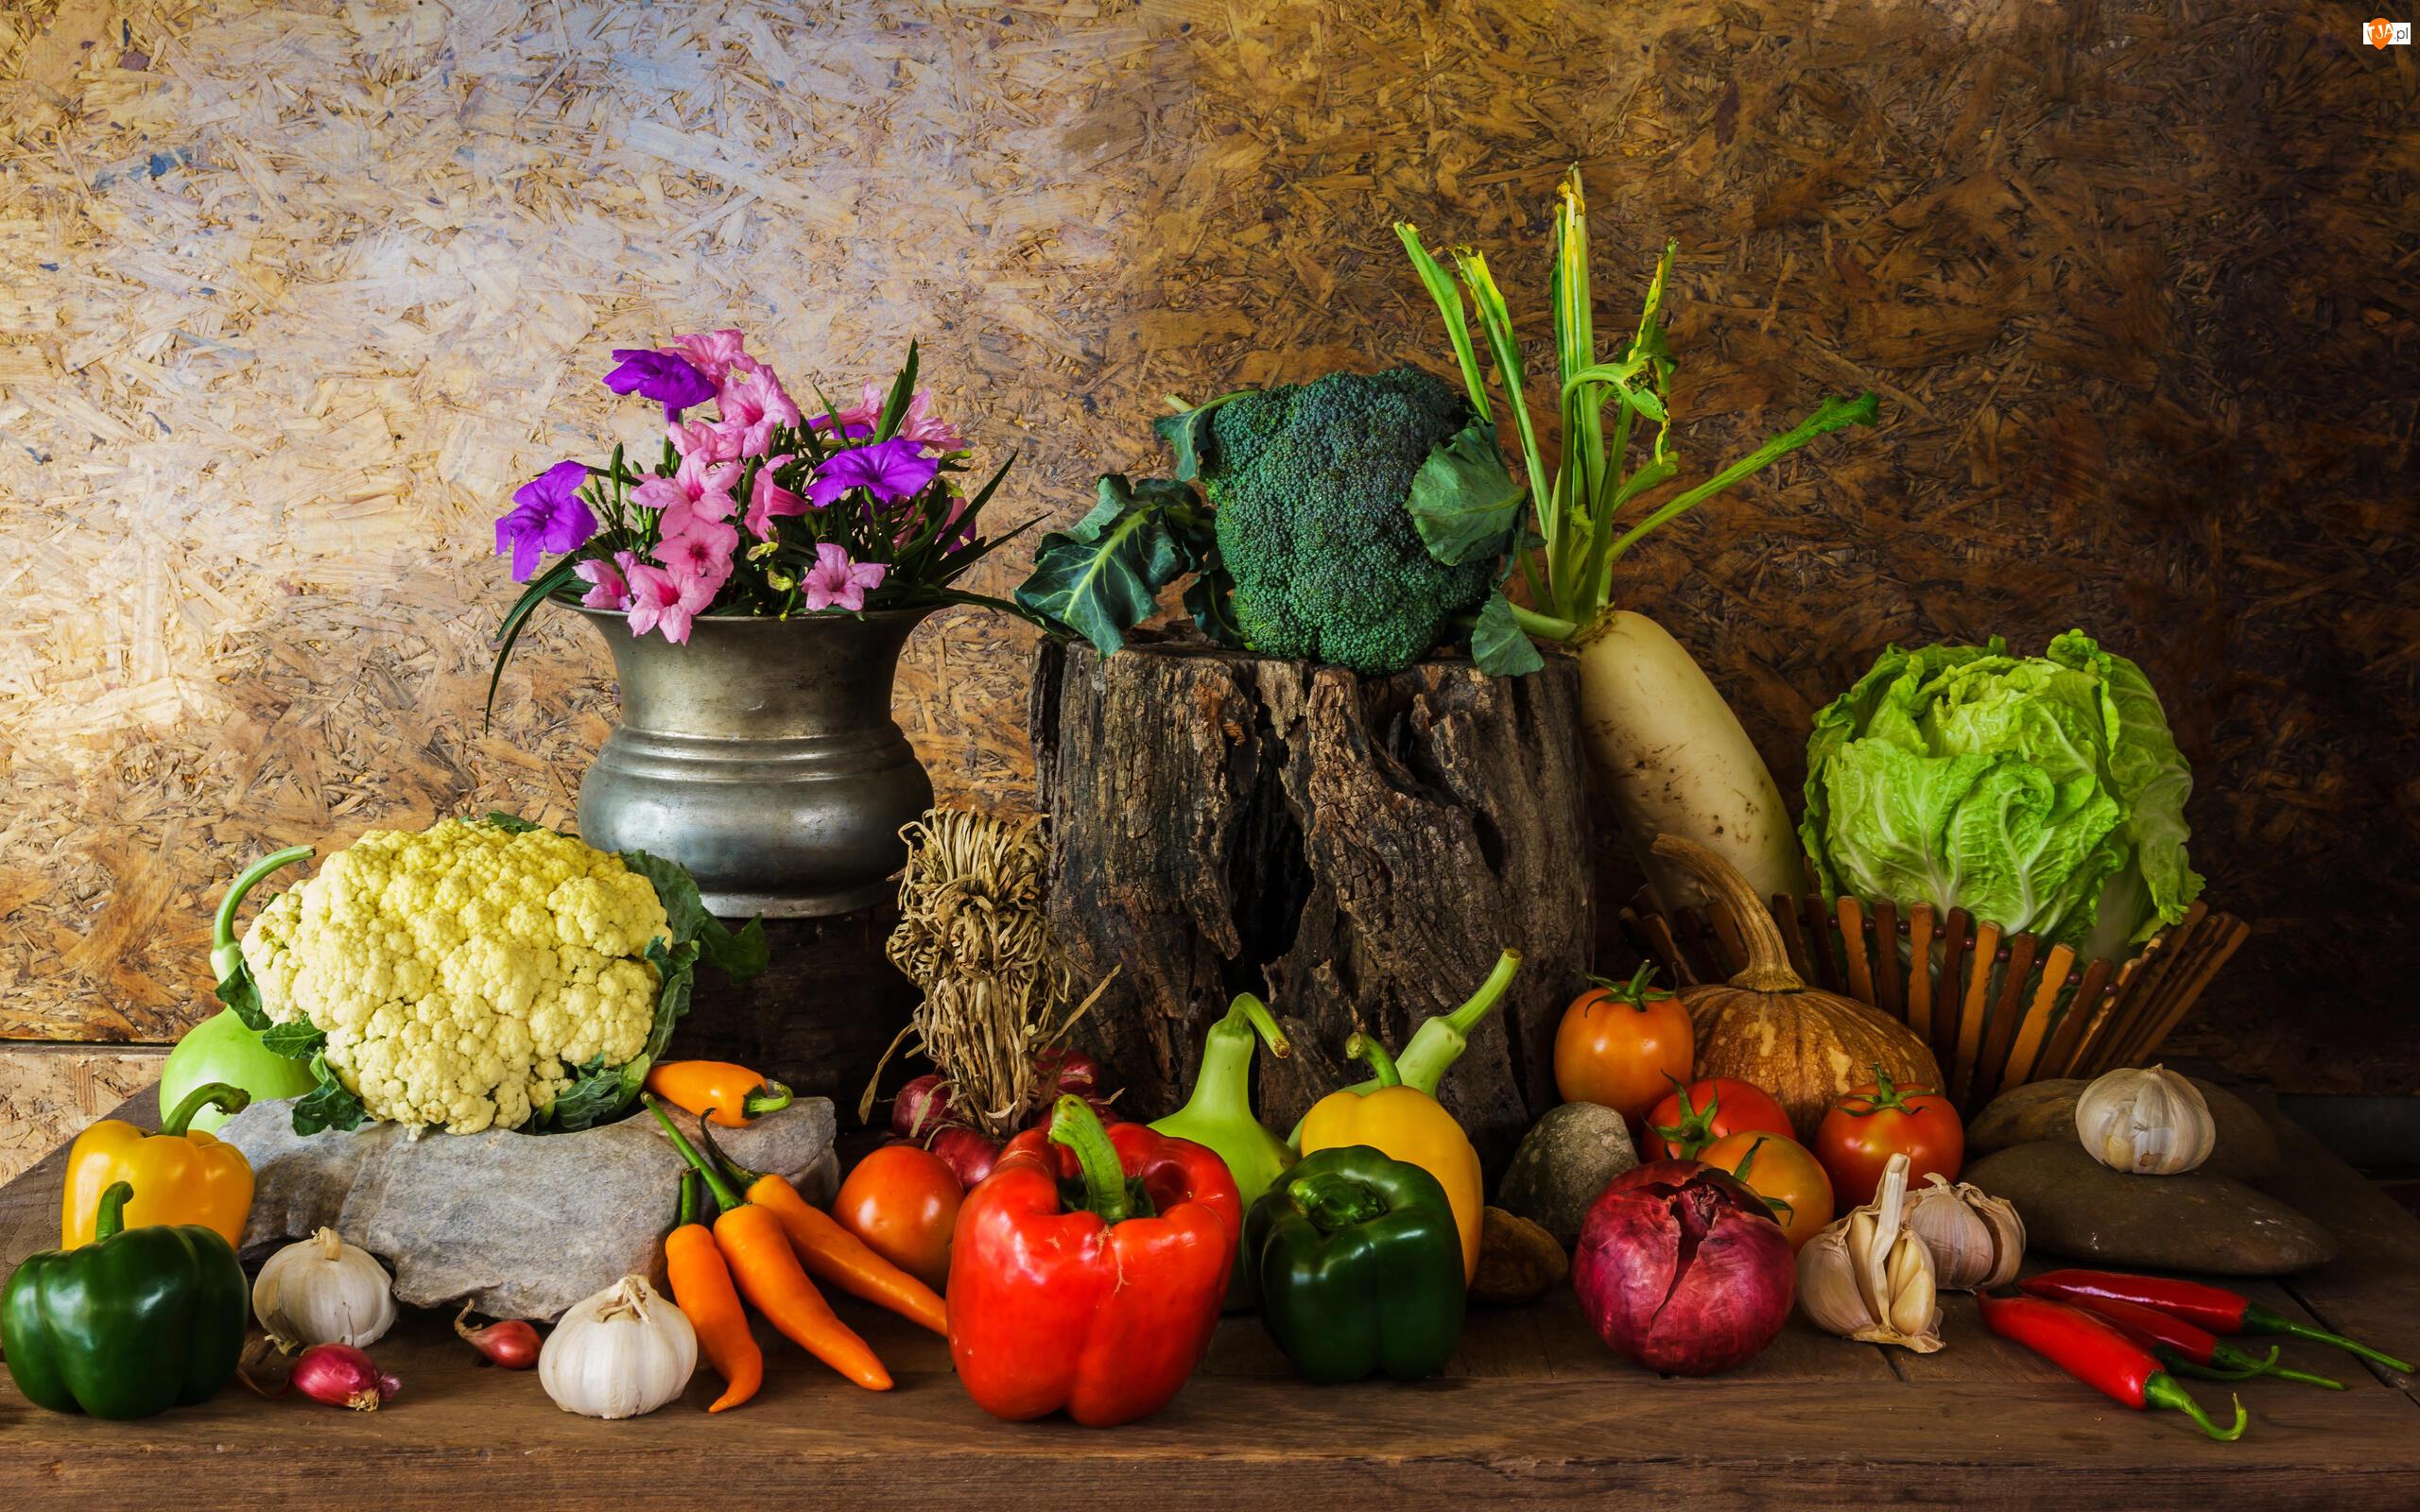 Warzywa, Bukiet, Pomidory, Kalafior, Czosnek, Kwiaty, Papryka, Kompozycja, Marchew